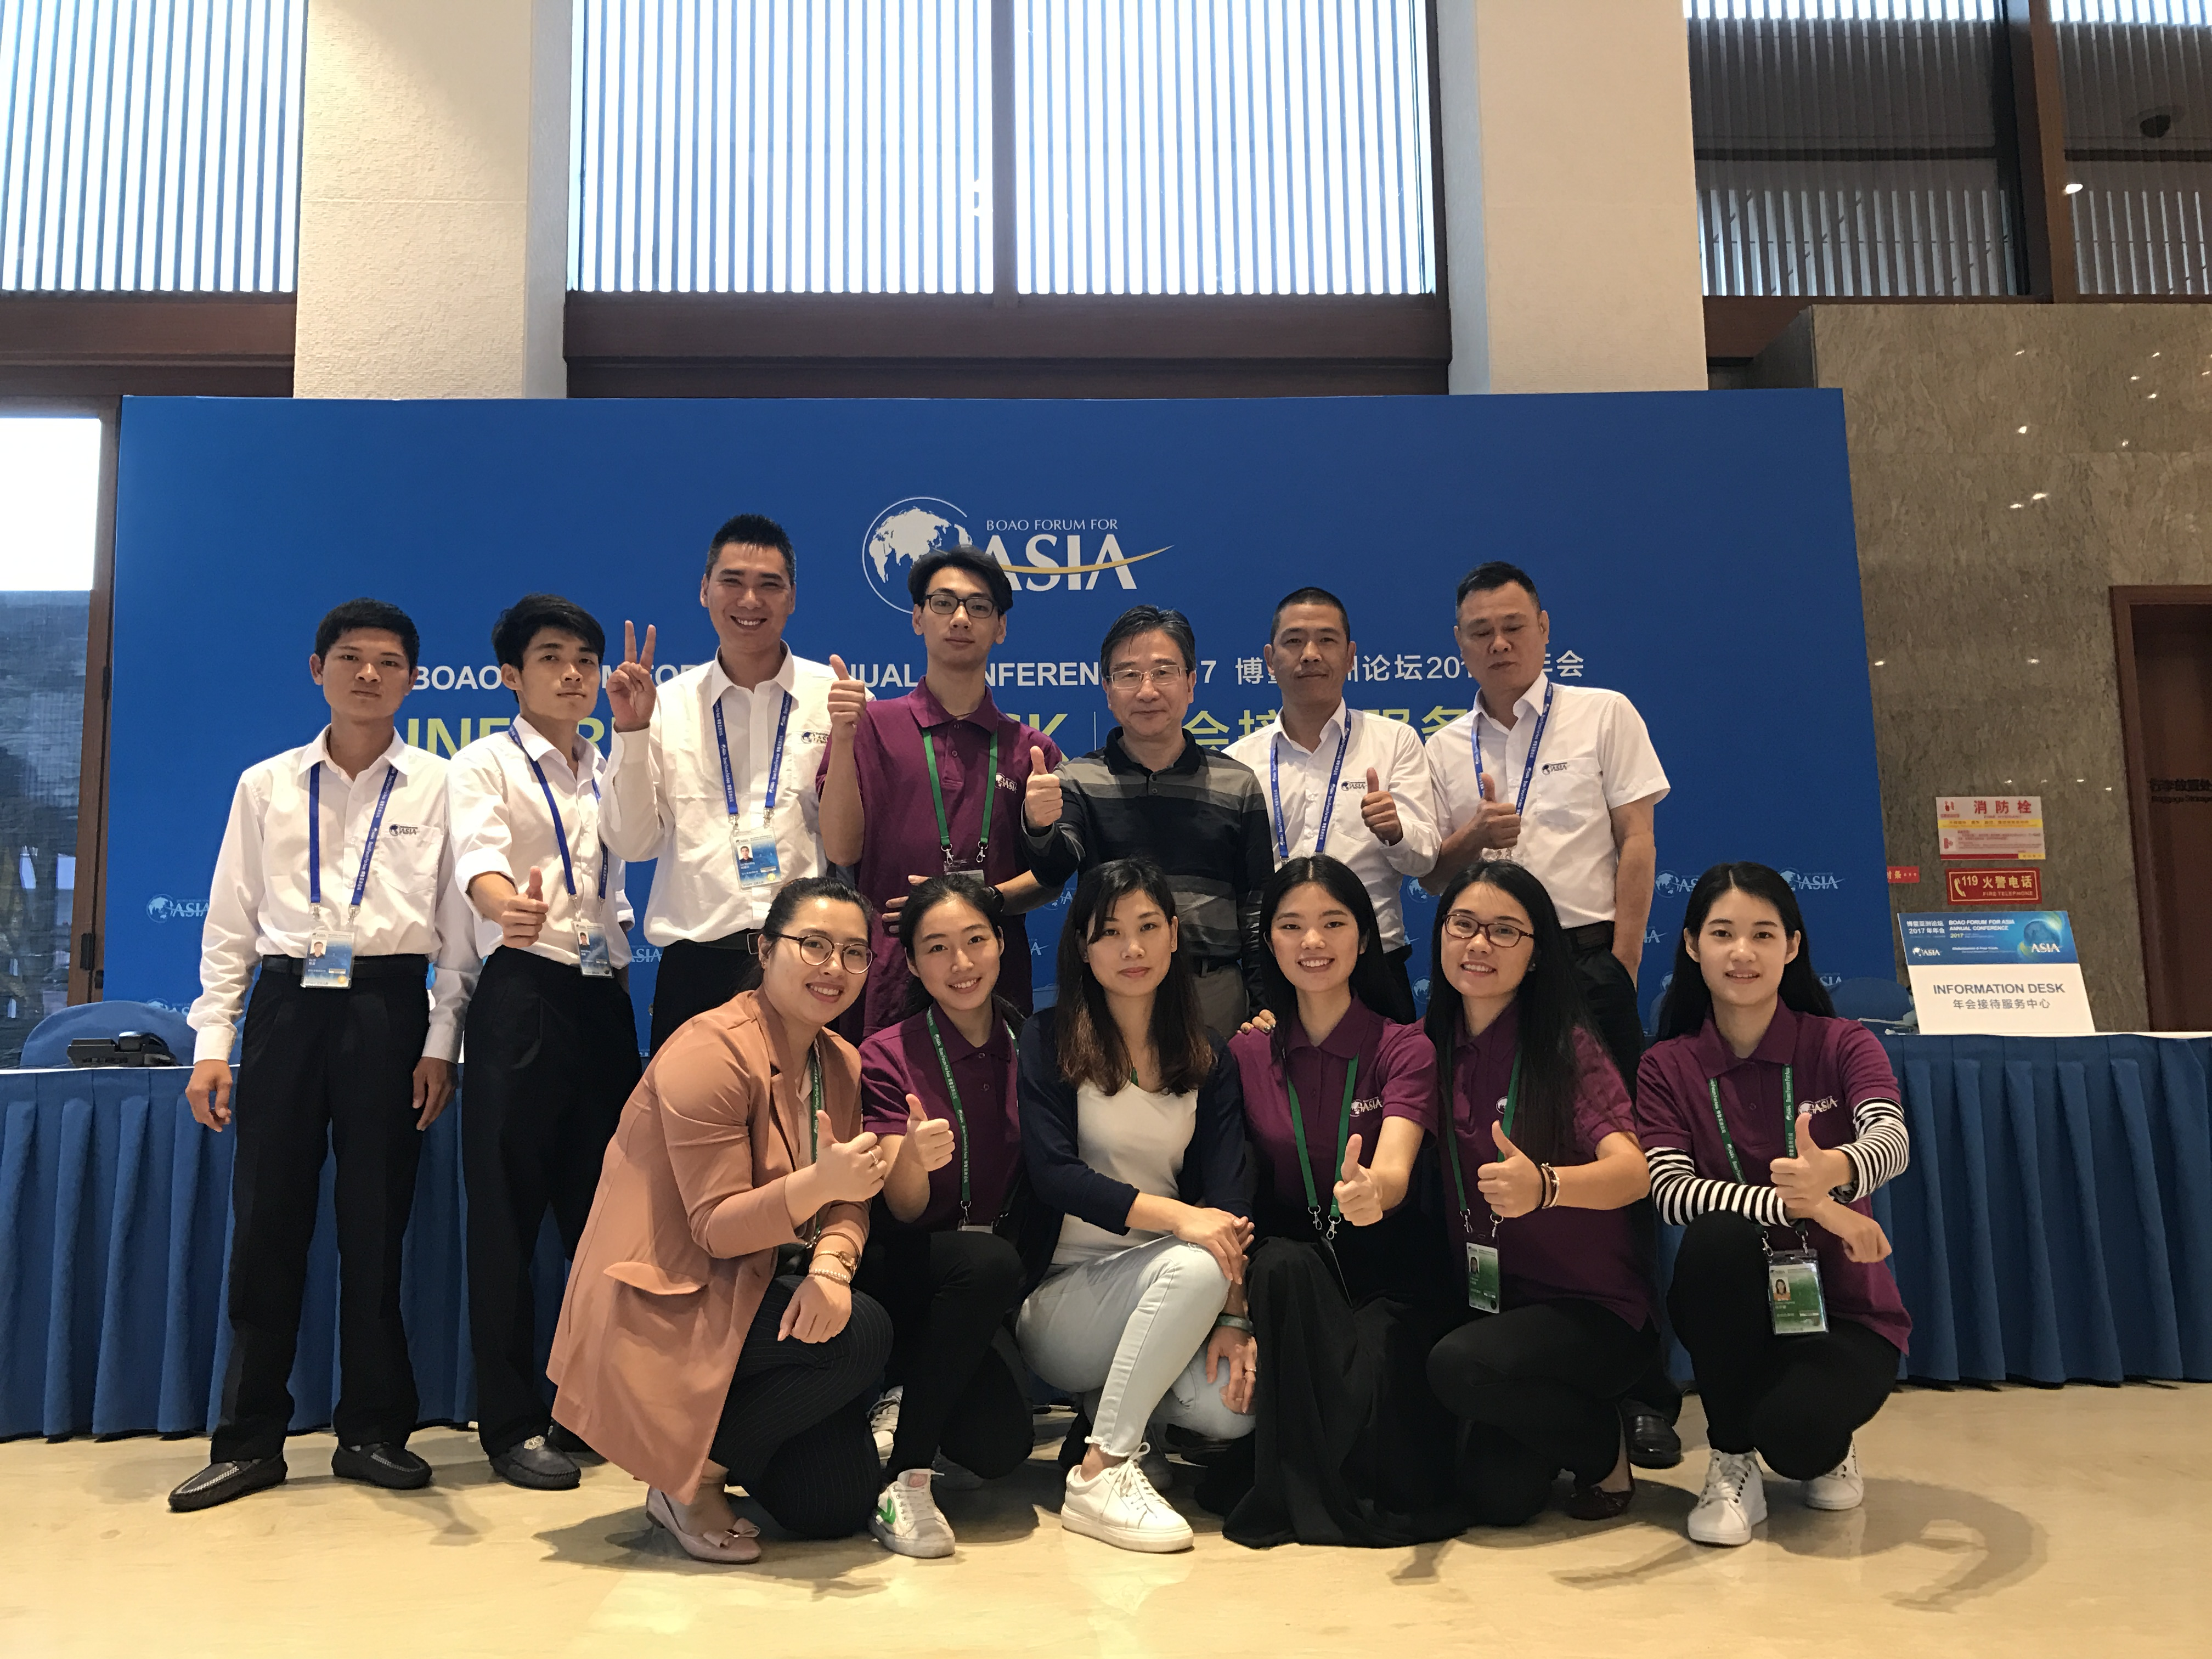 我院81名志愿者圆满完成博鳌亚洲论坛2017年年会接待服务工作